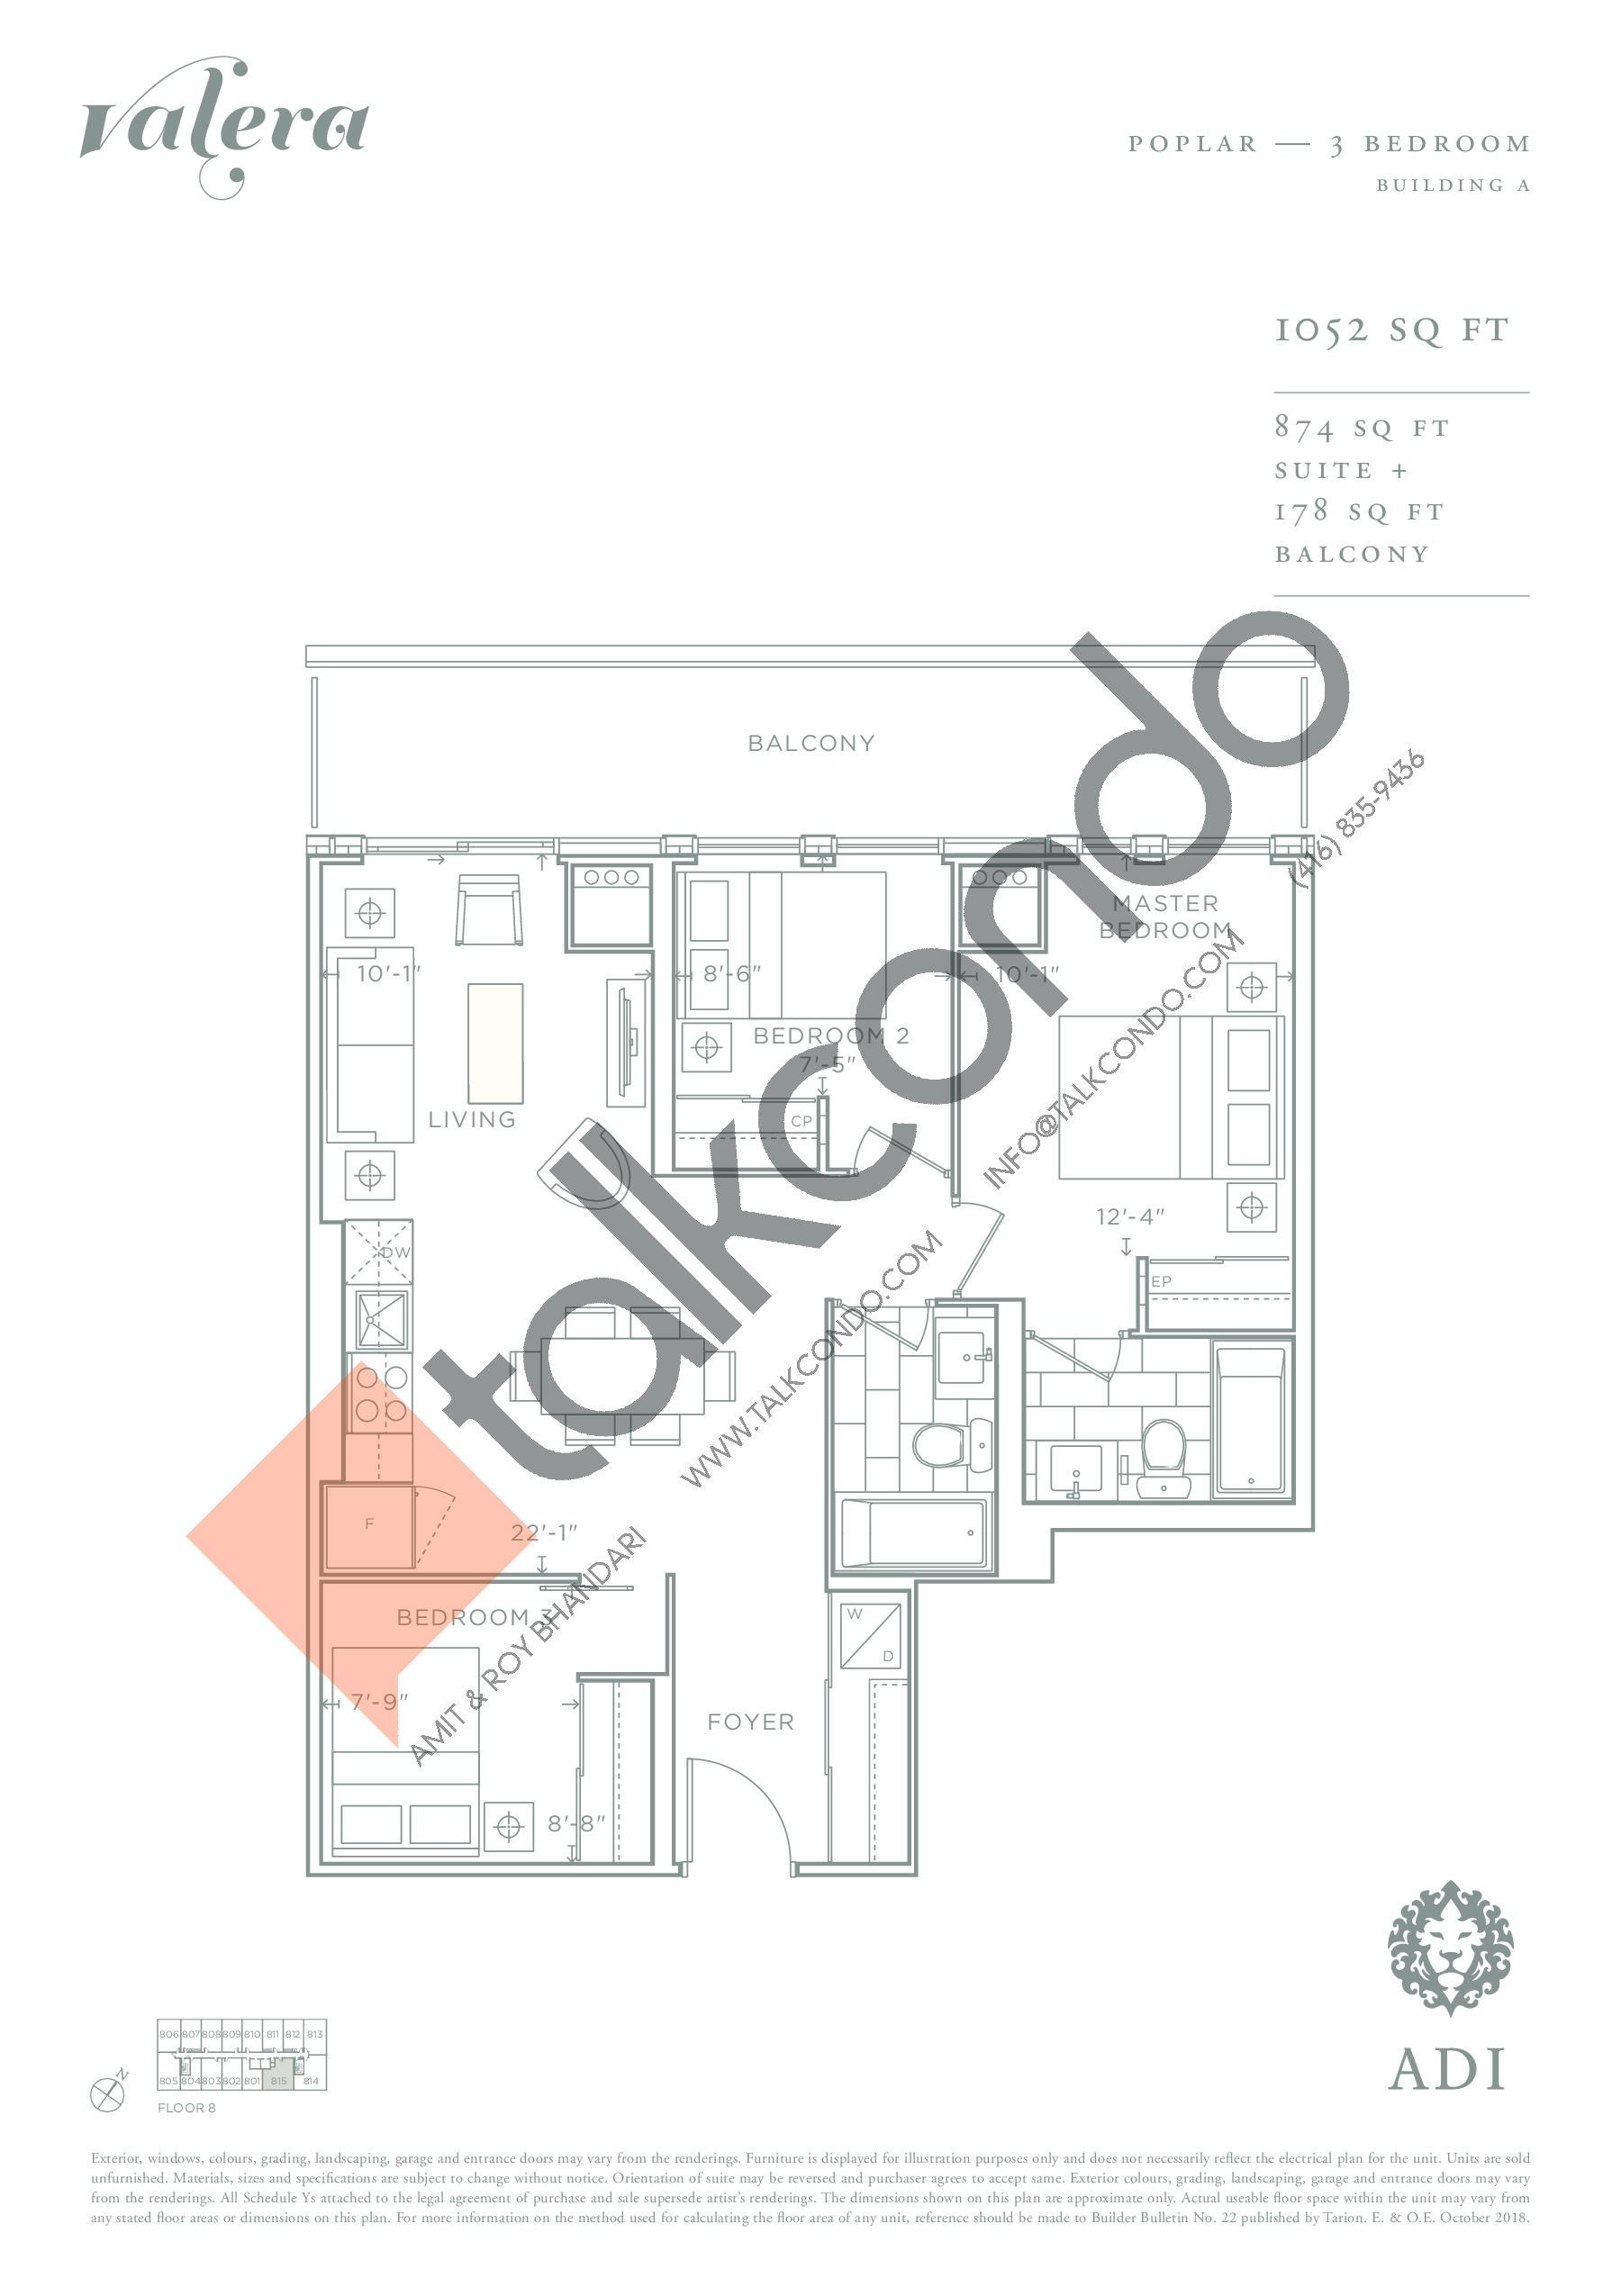 Poplar Floor Plan at Valera Condos - 874 sq.ft